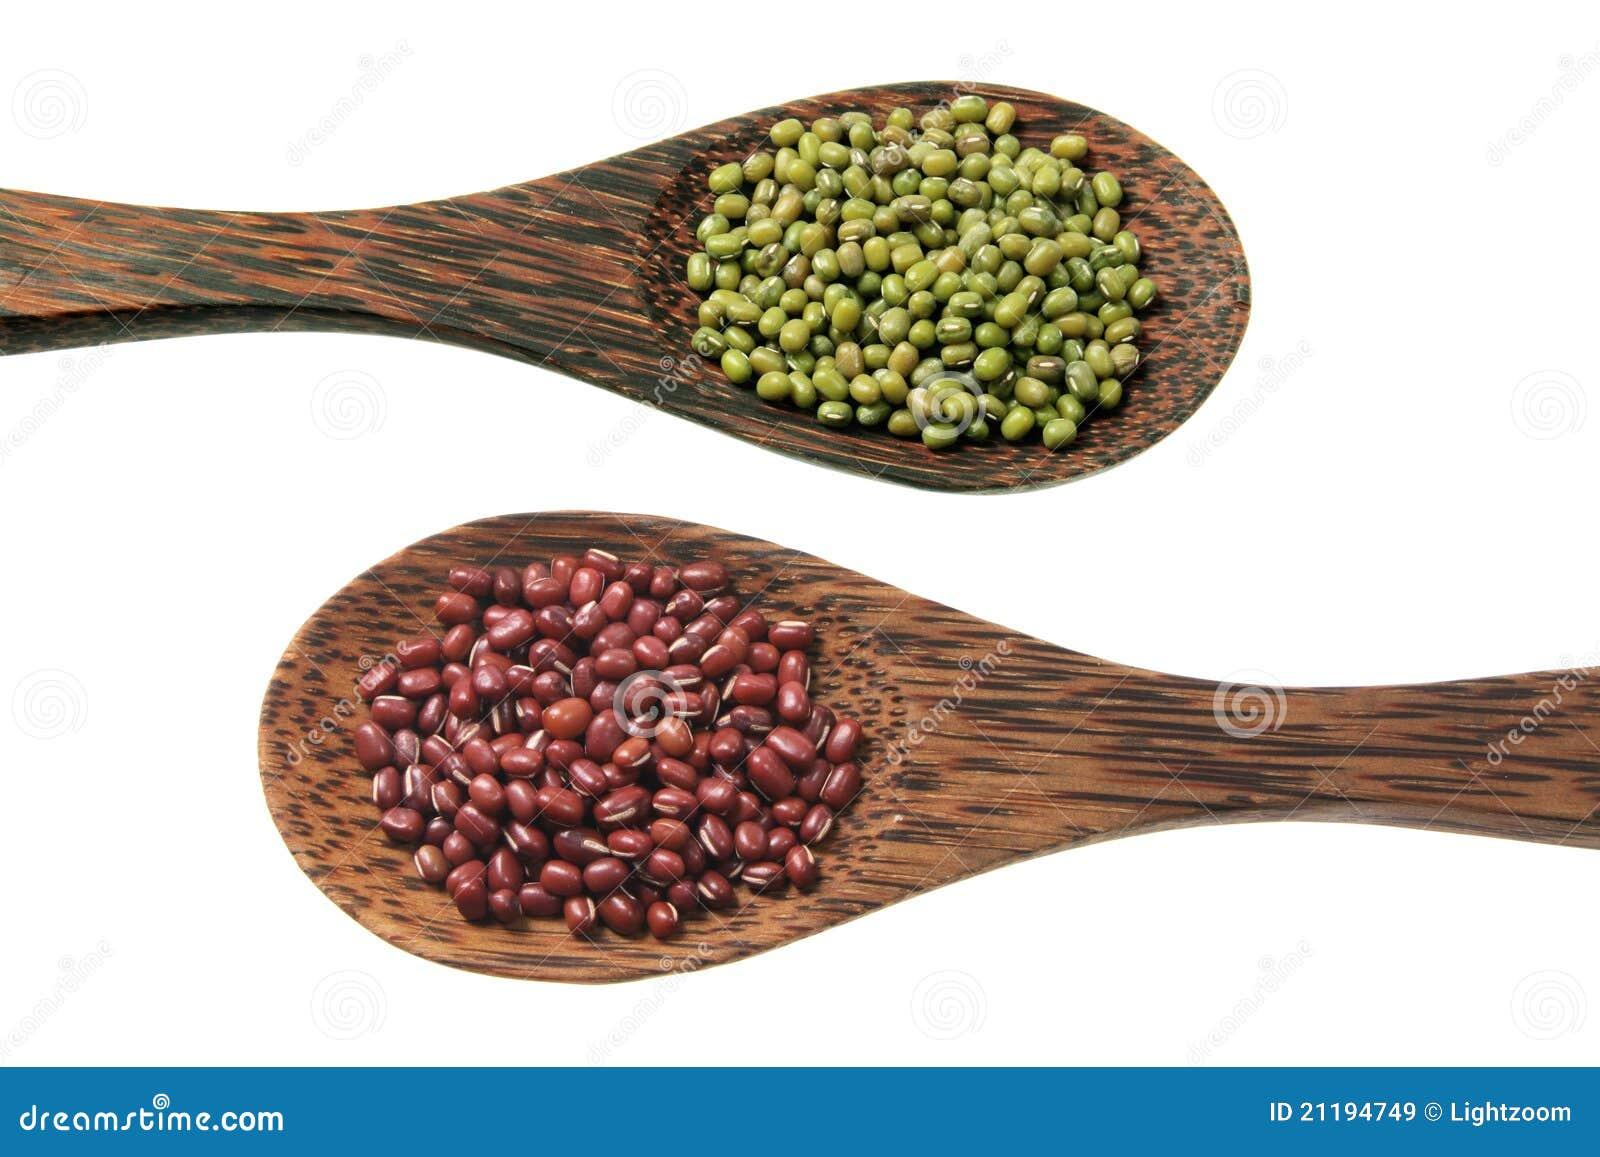 Mung Bean and Azuki Bean